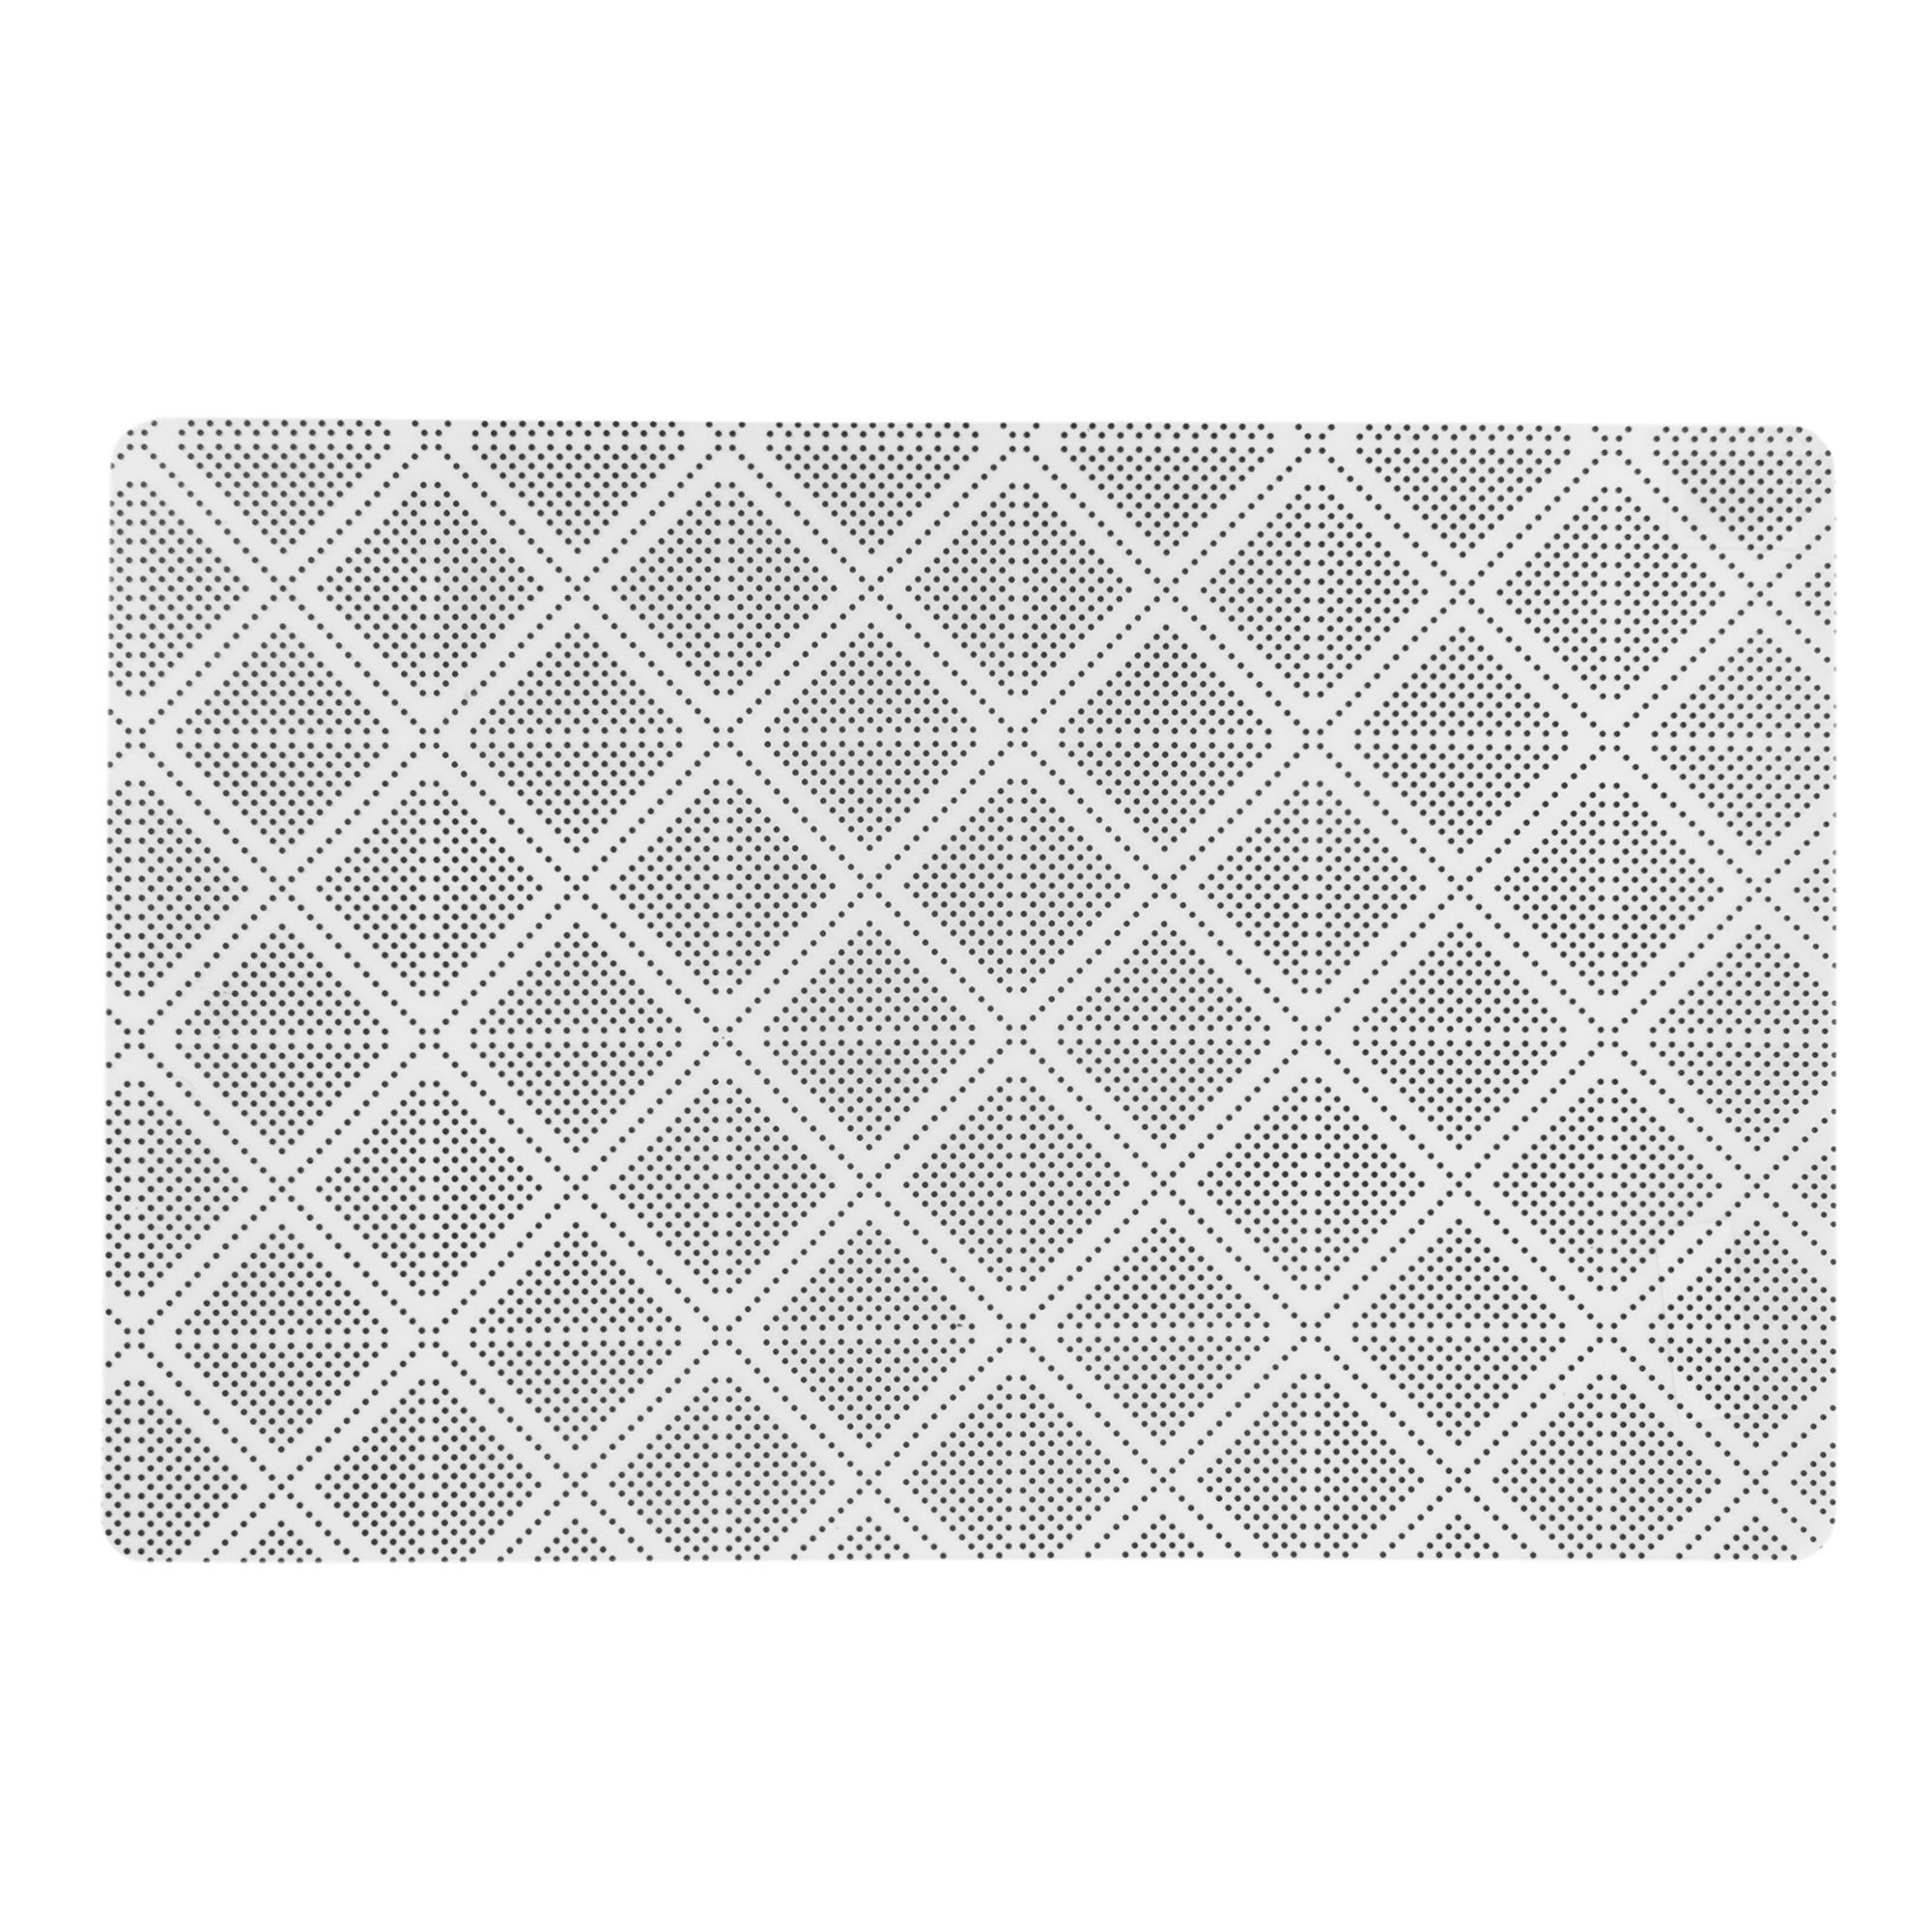 Фото - Подставка под горячее Kesper 43х29 см подставка под горячее zeller 35 см серый